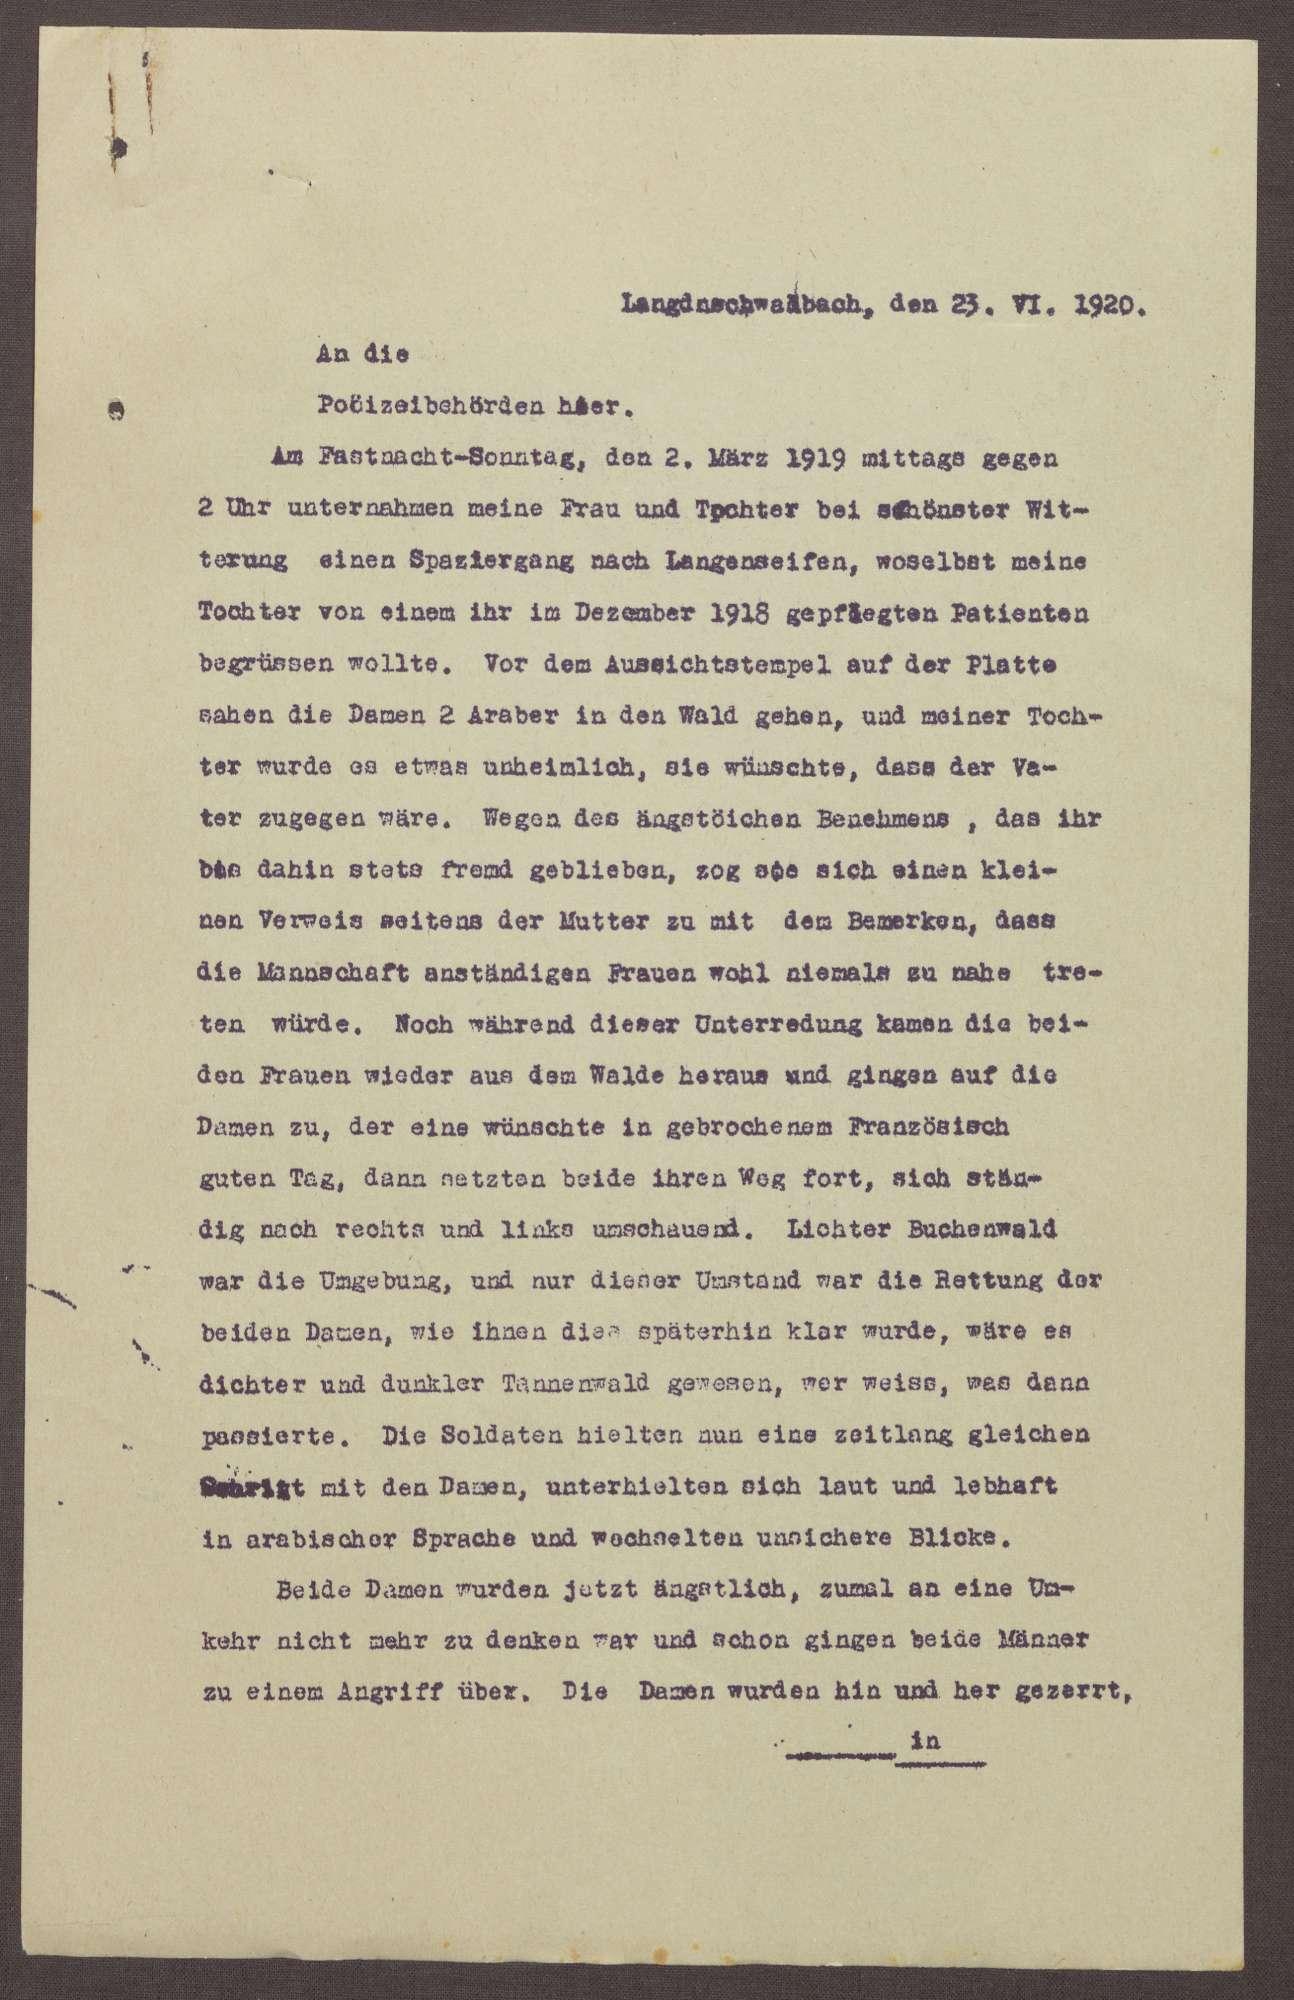 Schreiben an die Polizeibehörden in Bad Schwalbach; Bericht über eine versuchte Vergewaltigung der Tochter und Ehefrau, Bild 1